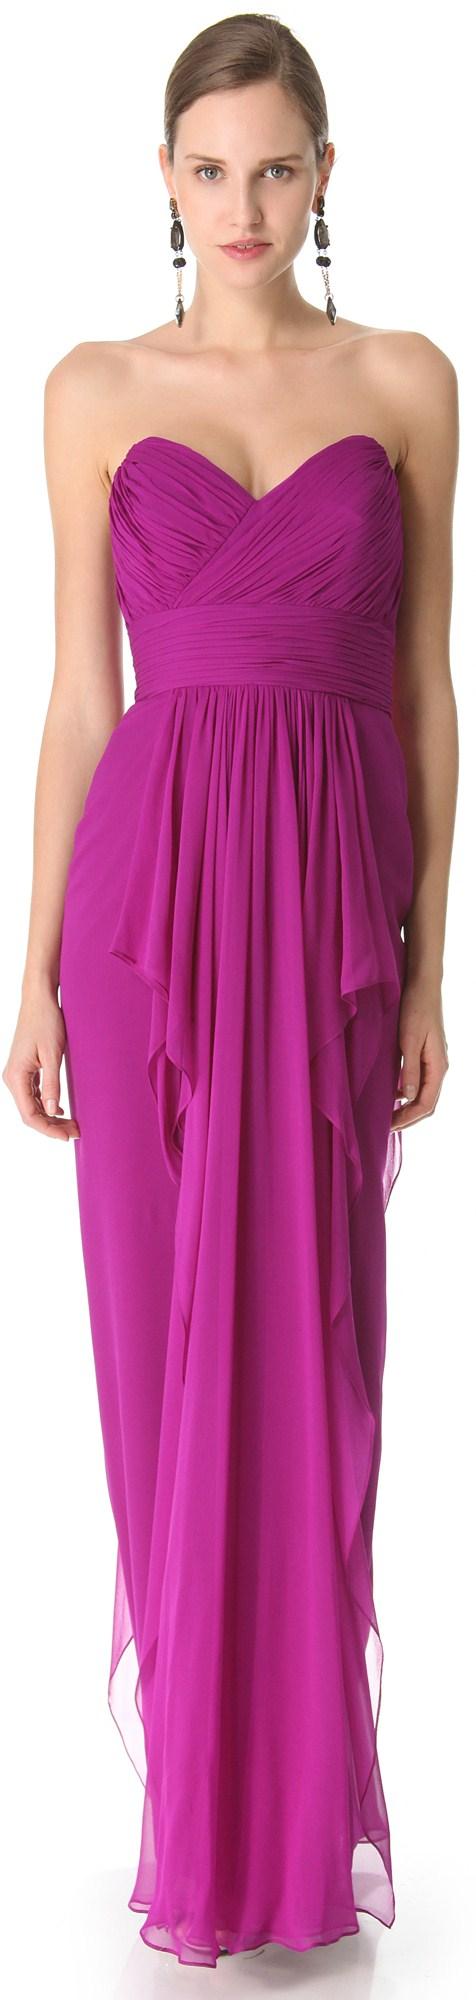 VIOLETA....❤ | Vestidos | Pinterest | Ropa formal, Magenta y Vestiditos